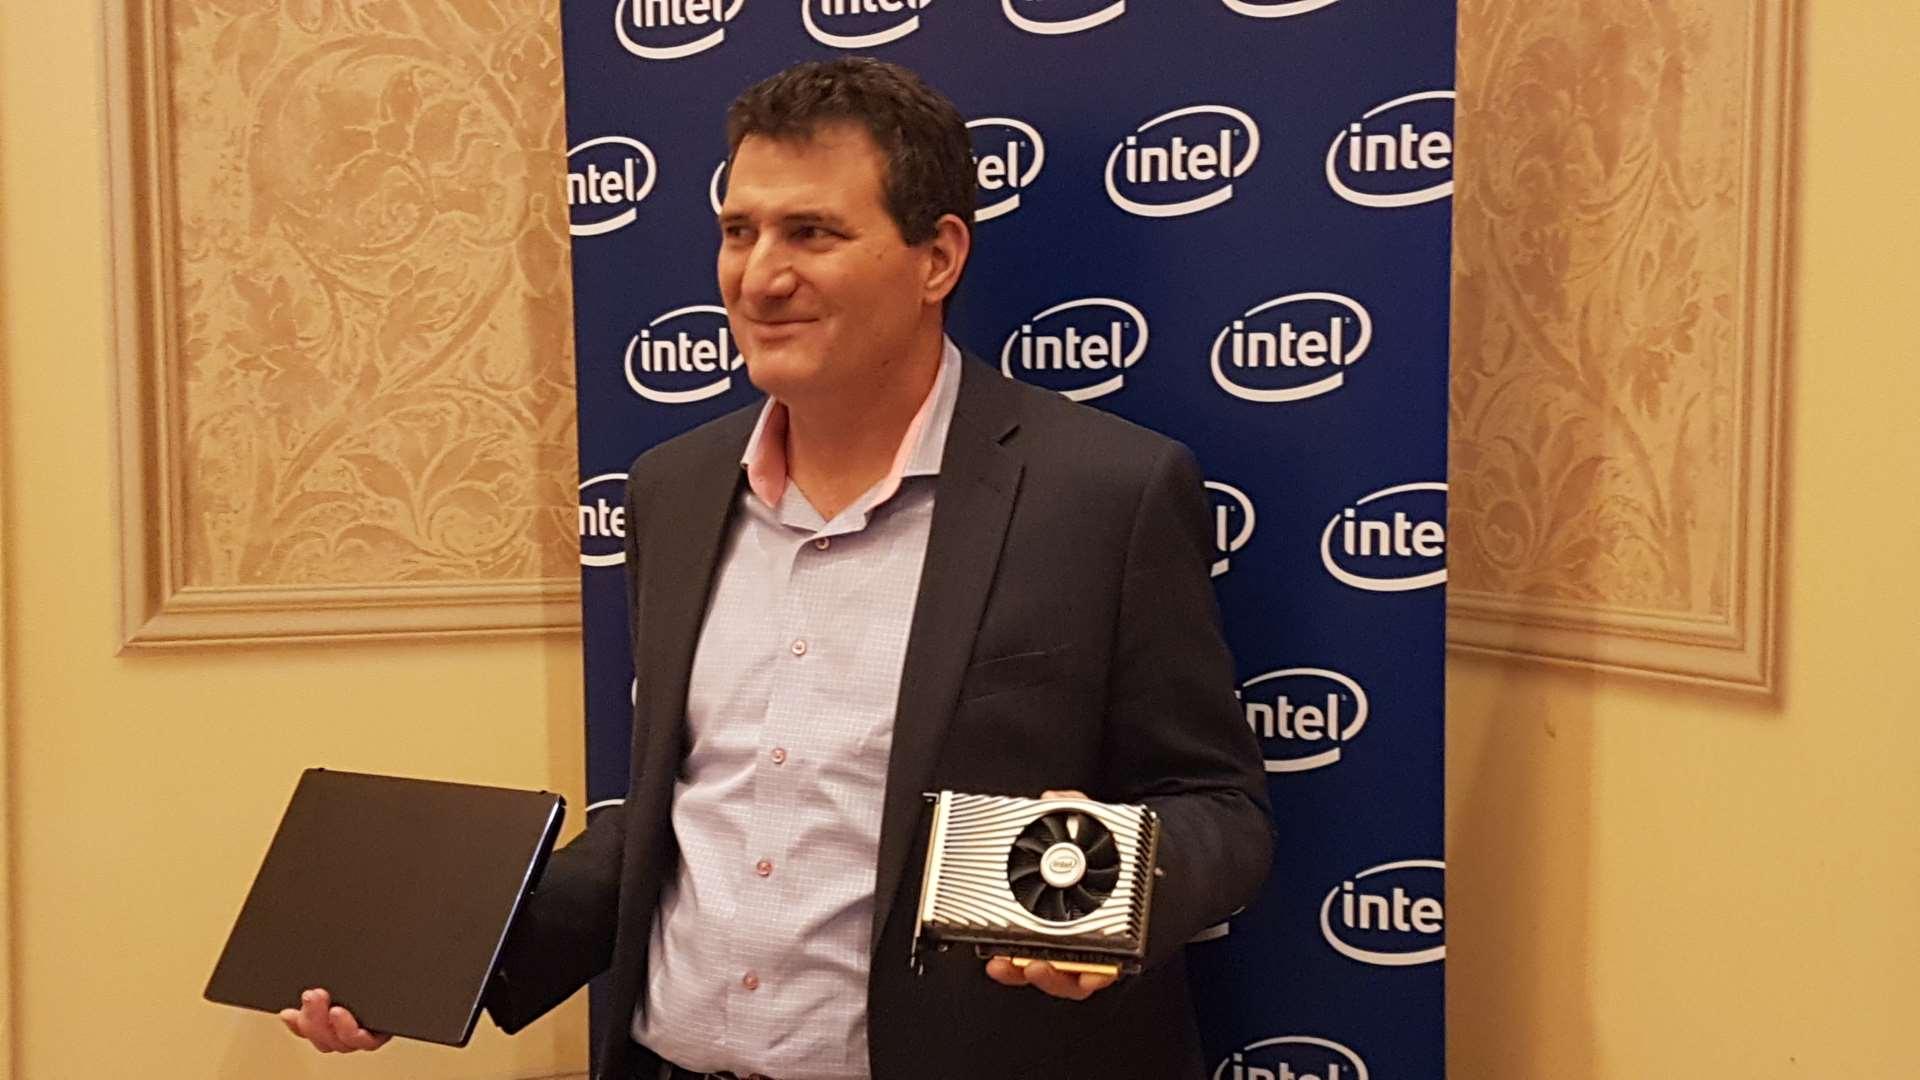 Intel muestra la tarjeta gráfica basada en Intel Xe DG1 para ofrecerla a los desarrolladores 2